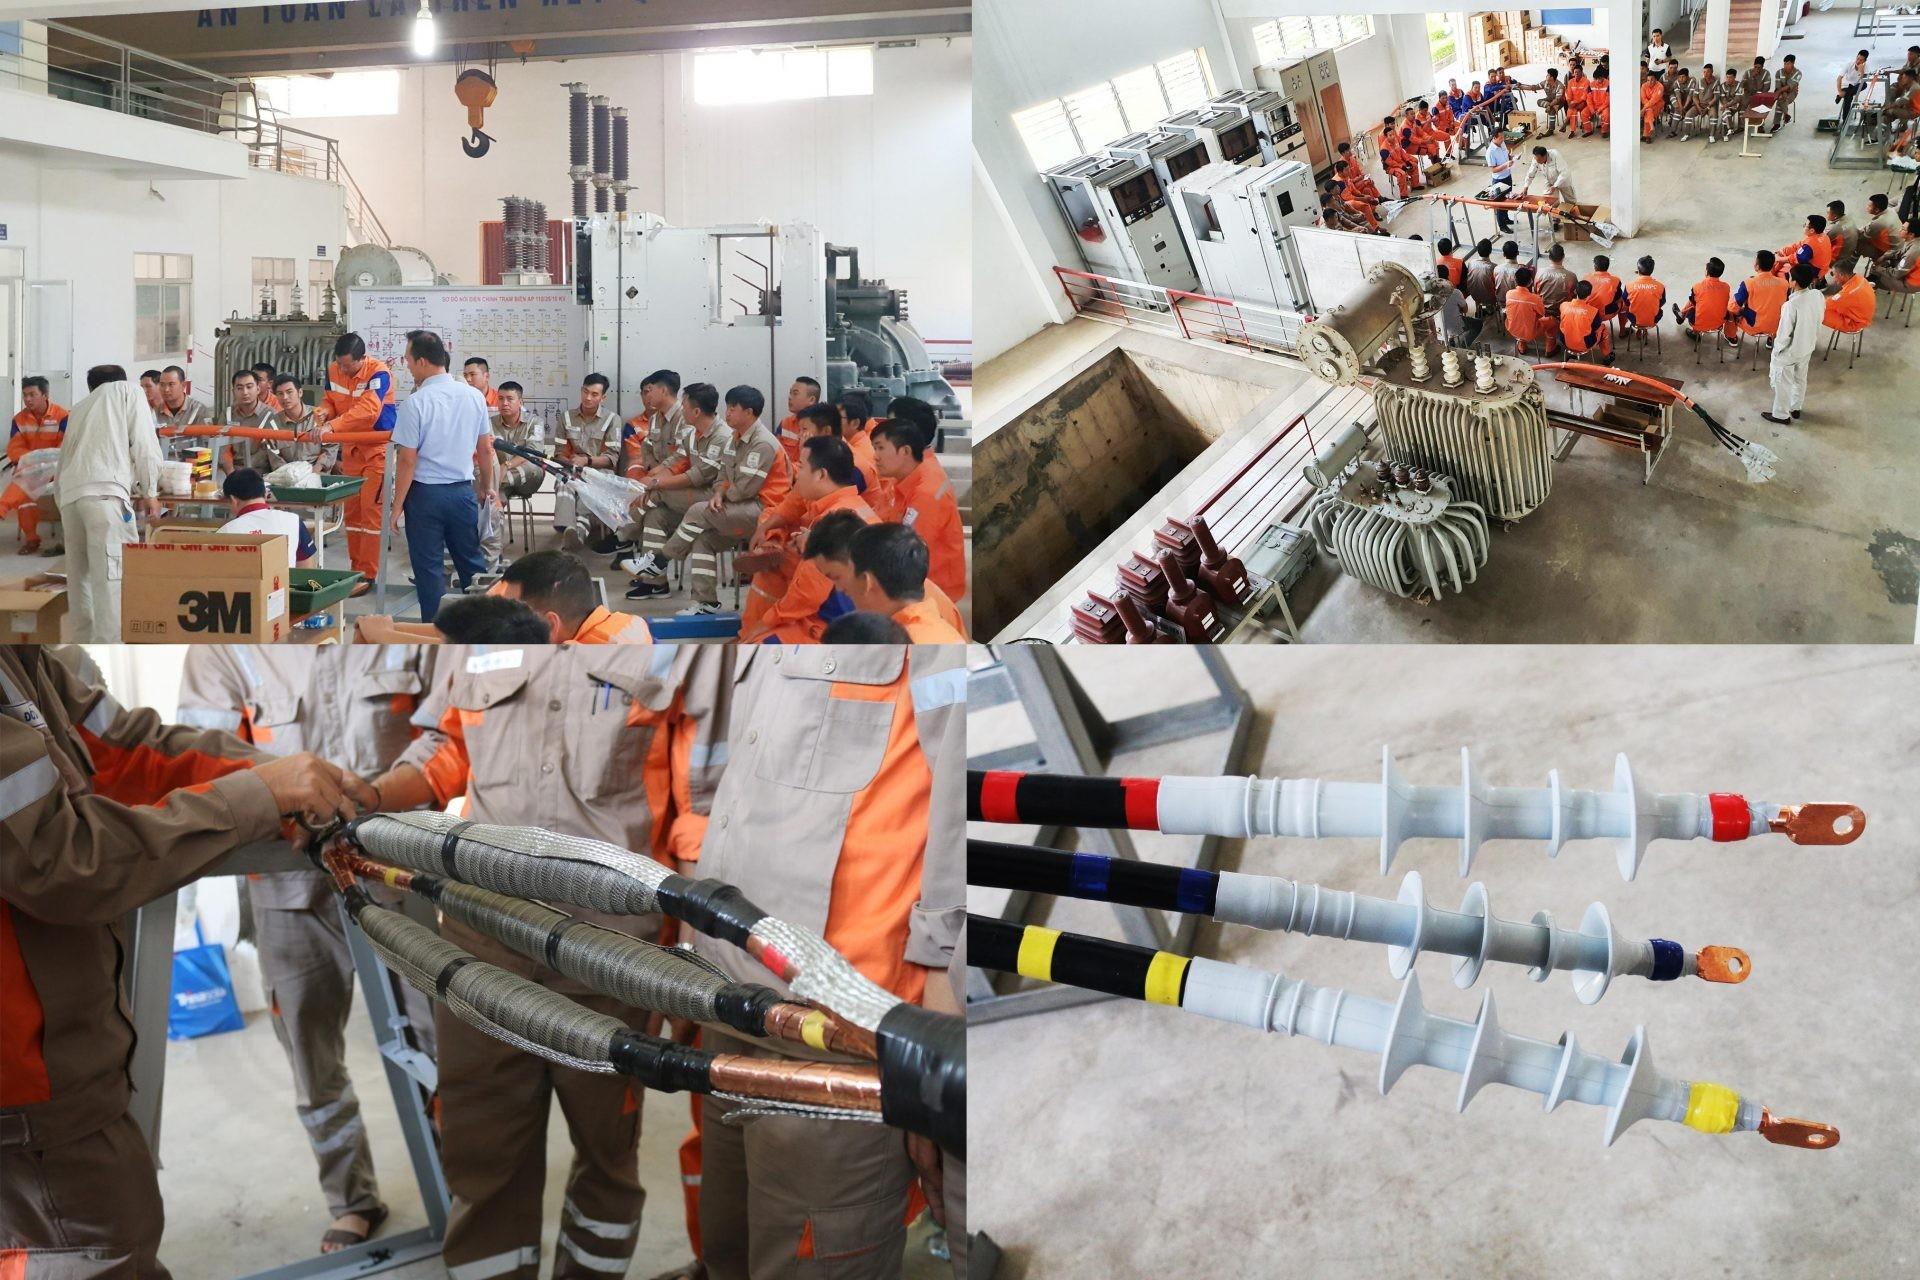 Đơn vị chuyên cung cấp và thi công các sản phẩm 3M uy tín